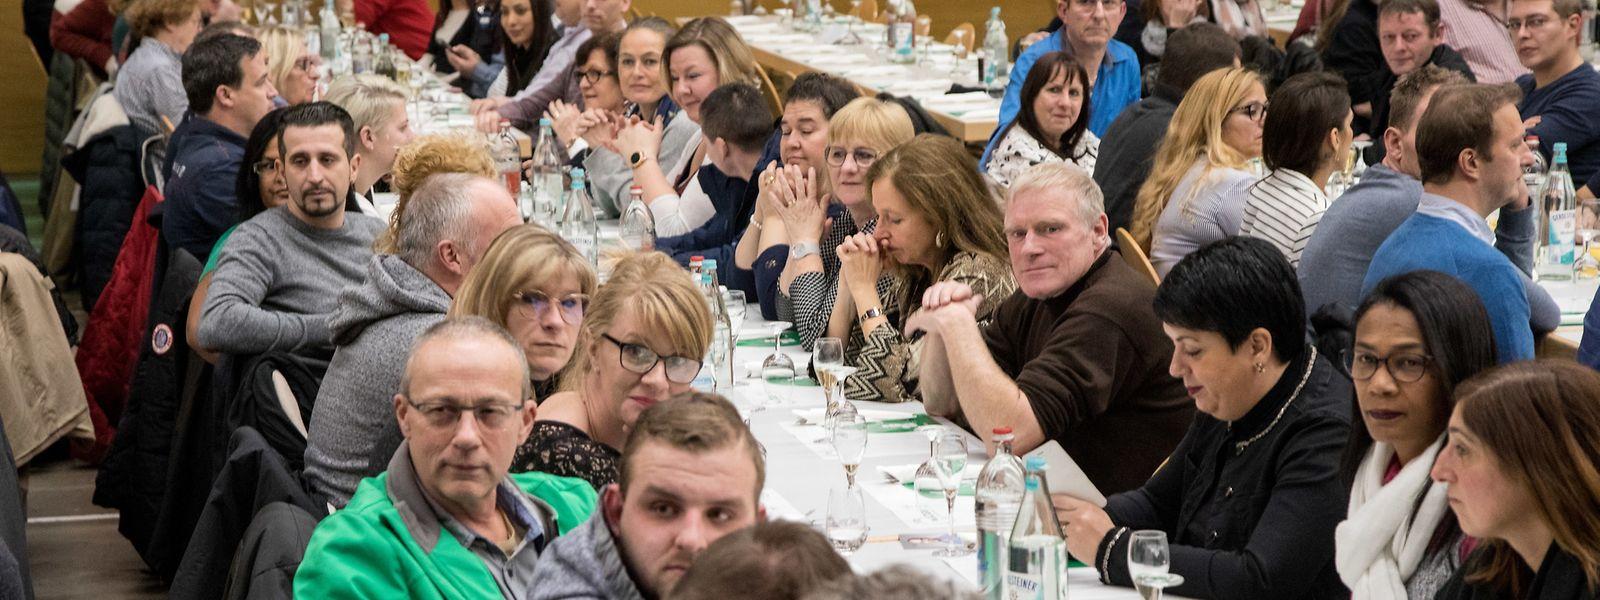 Près de 900 membres du LCGB se sont retrouvés à Schifflange mercredi soir lors de la réception du Nouvel An. Le discours objectif et engagé de Patrick Dury a été très bien accueilli.